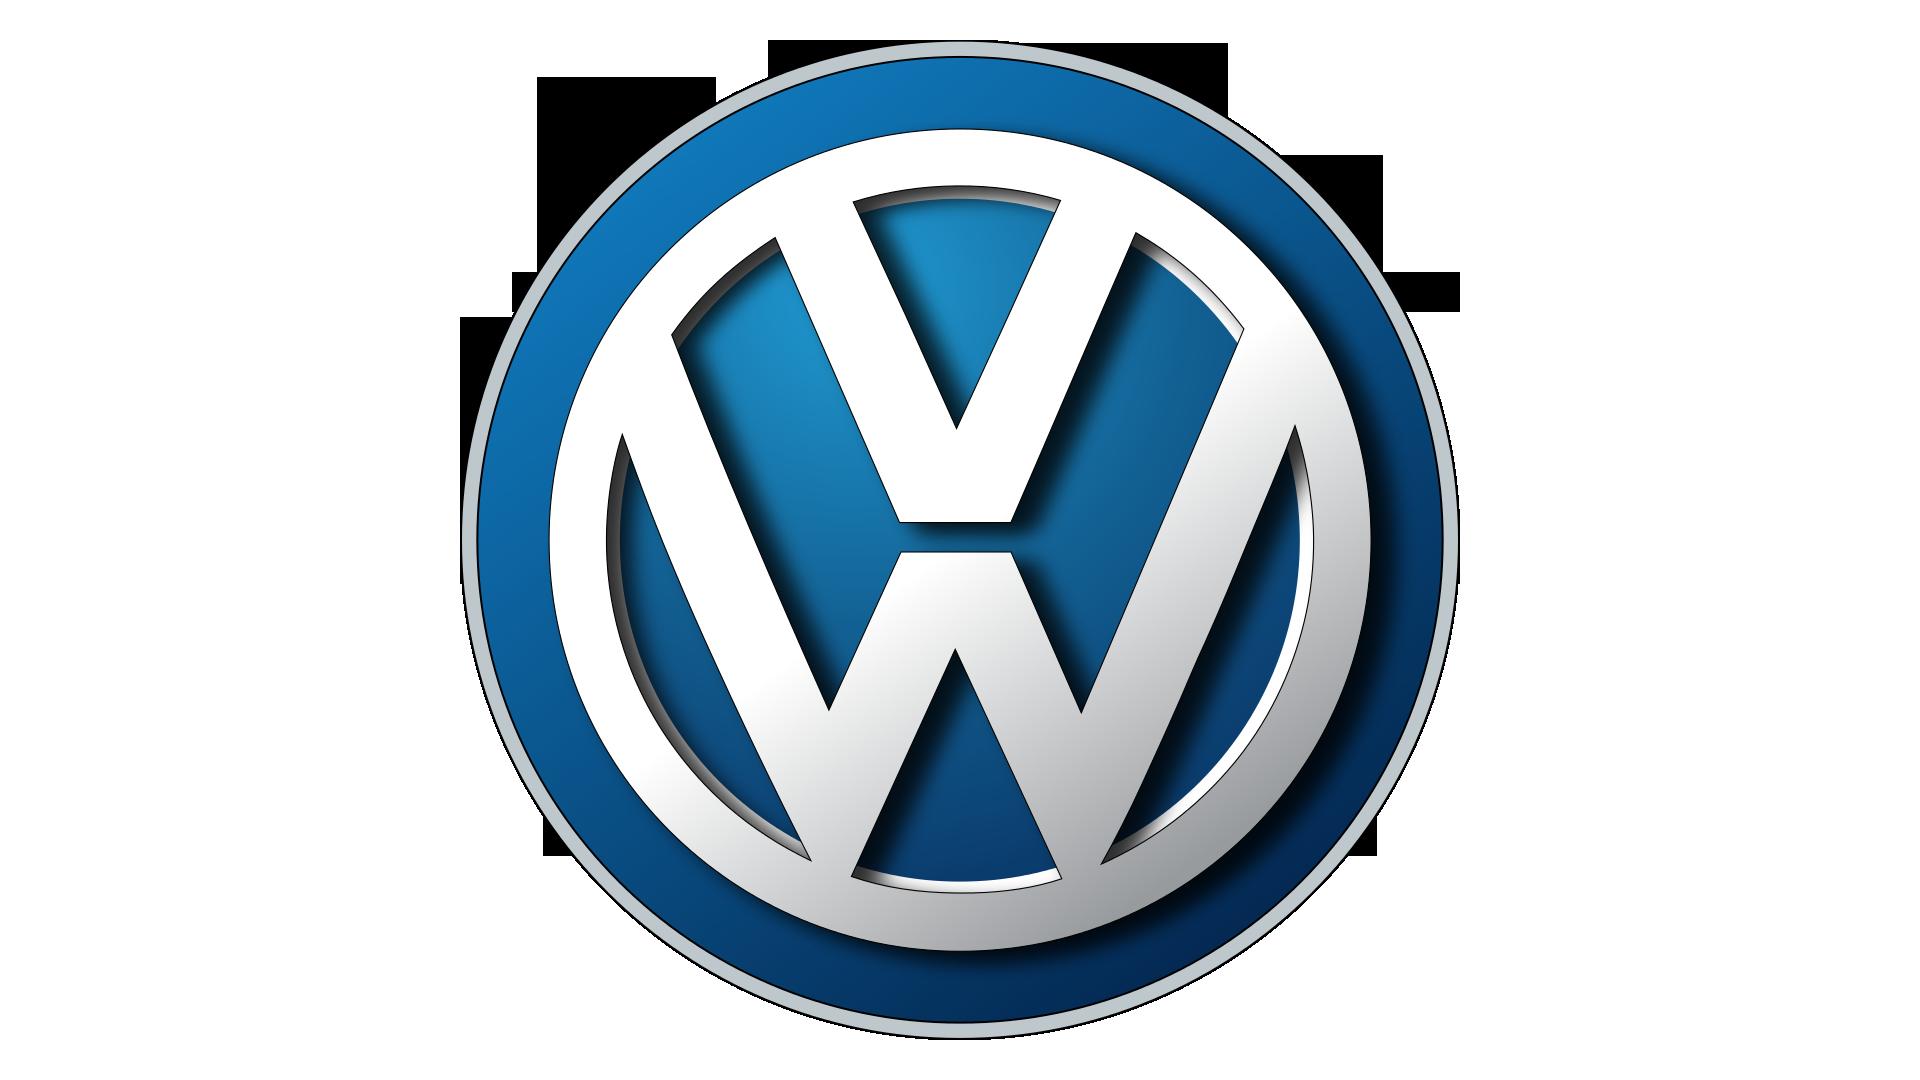 Volkswagen Emblem (2014) 1920x1080 (HD 1080p) - Volkswagen PNG